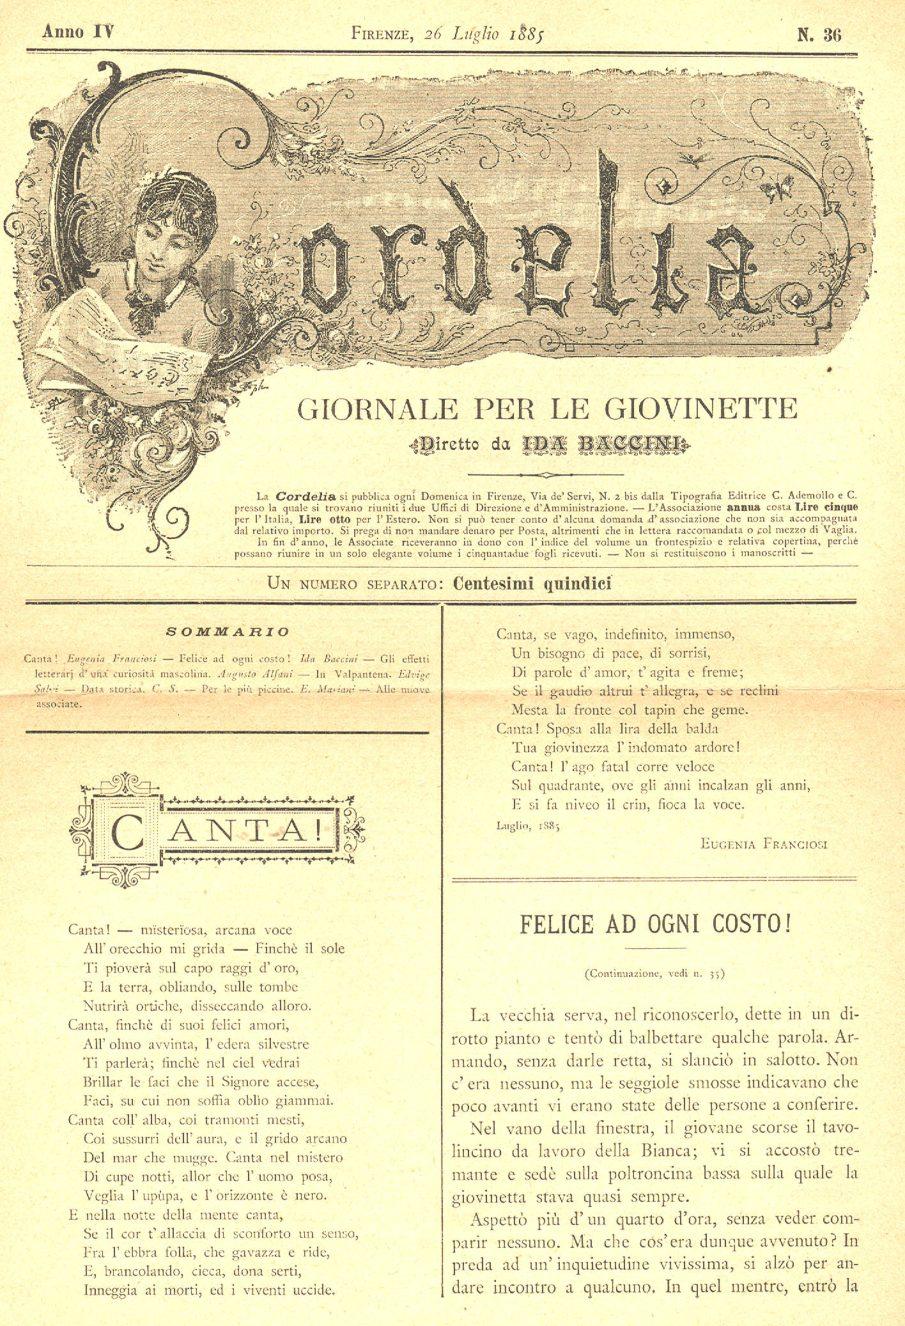 Cordelia. Giornale per le giovinette 1885, n. 36